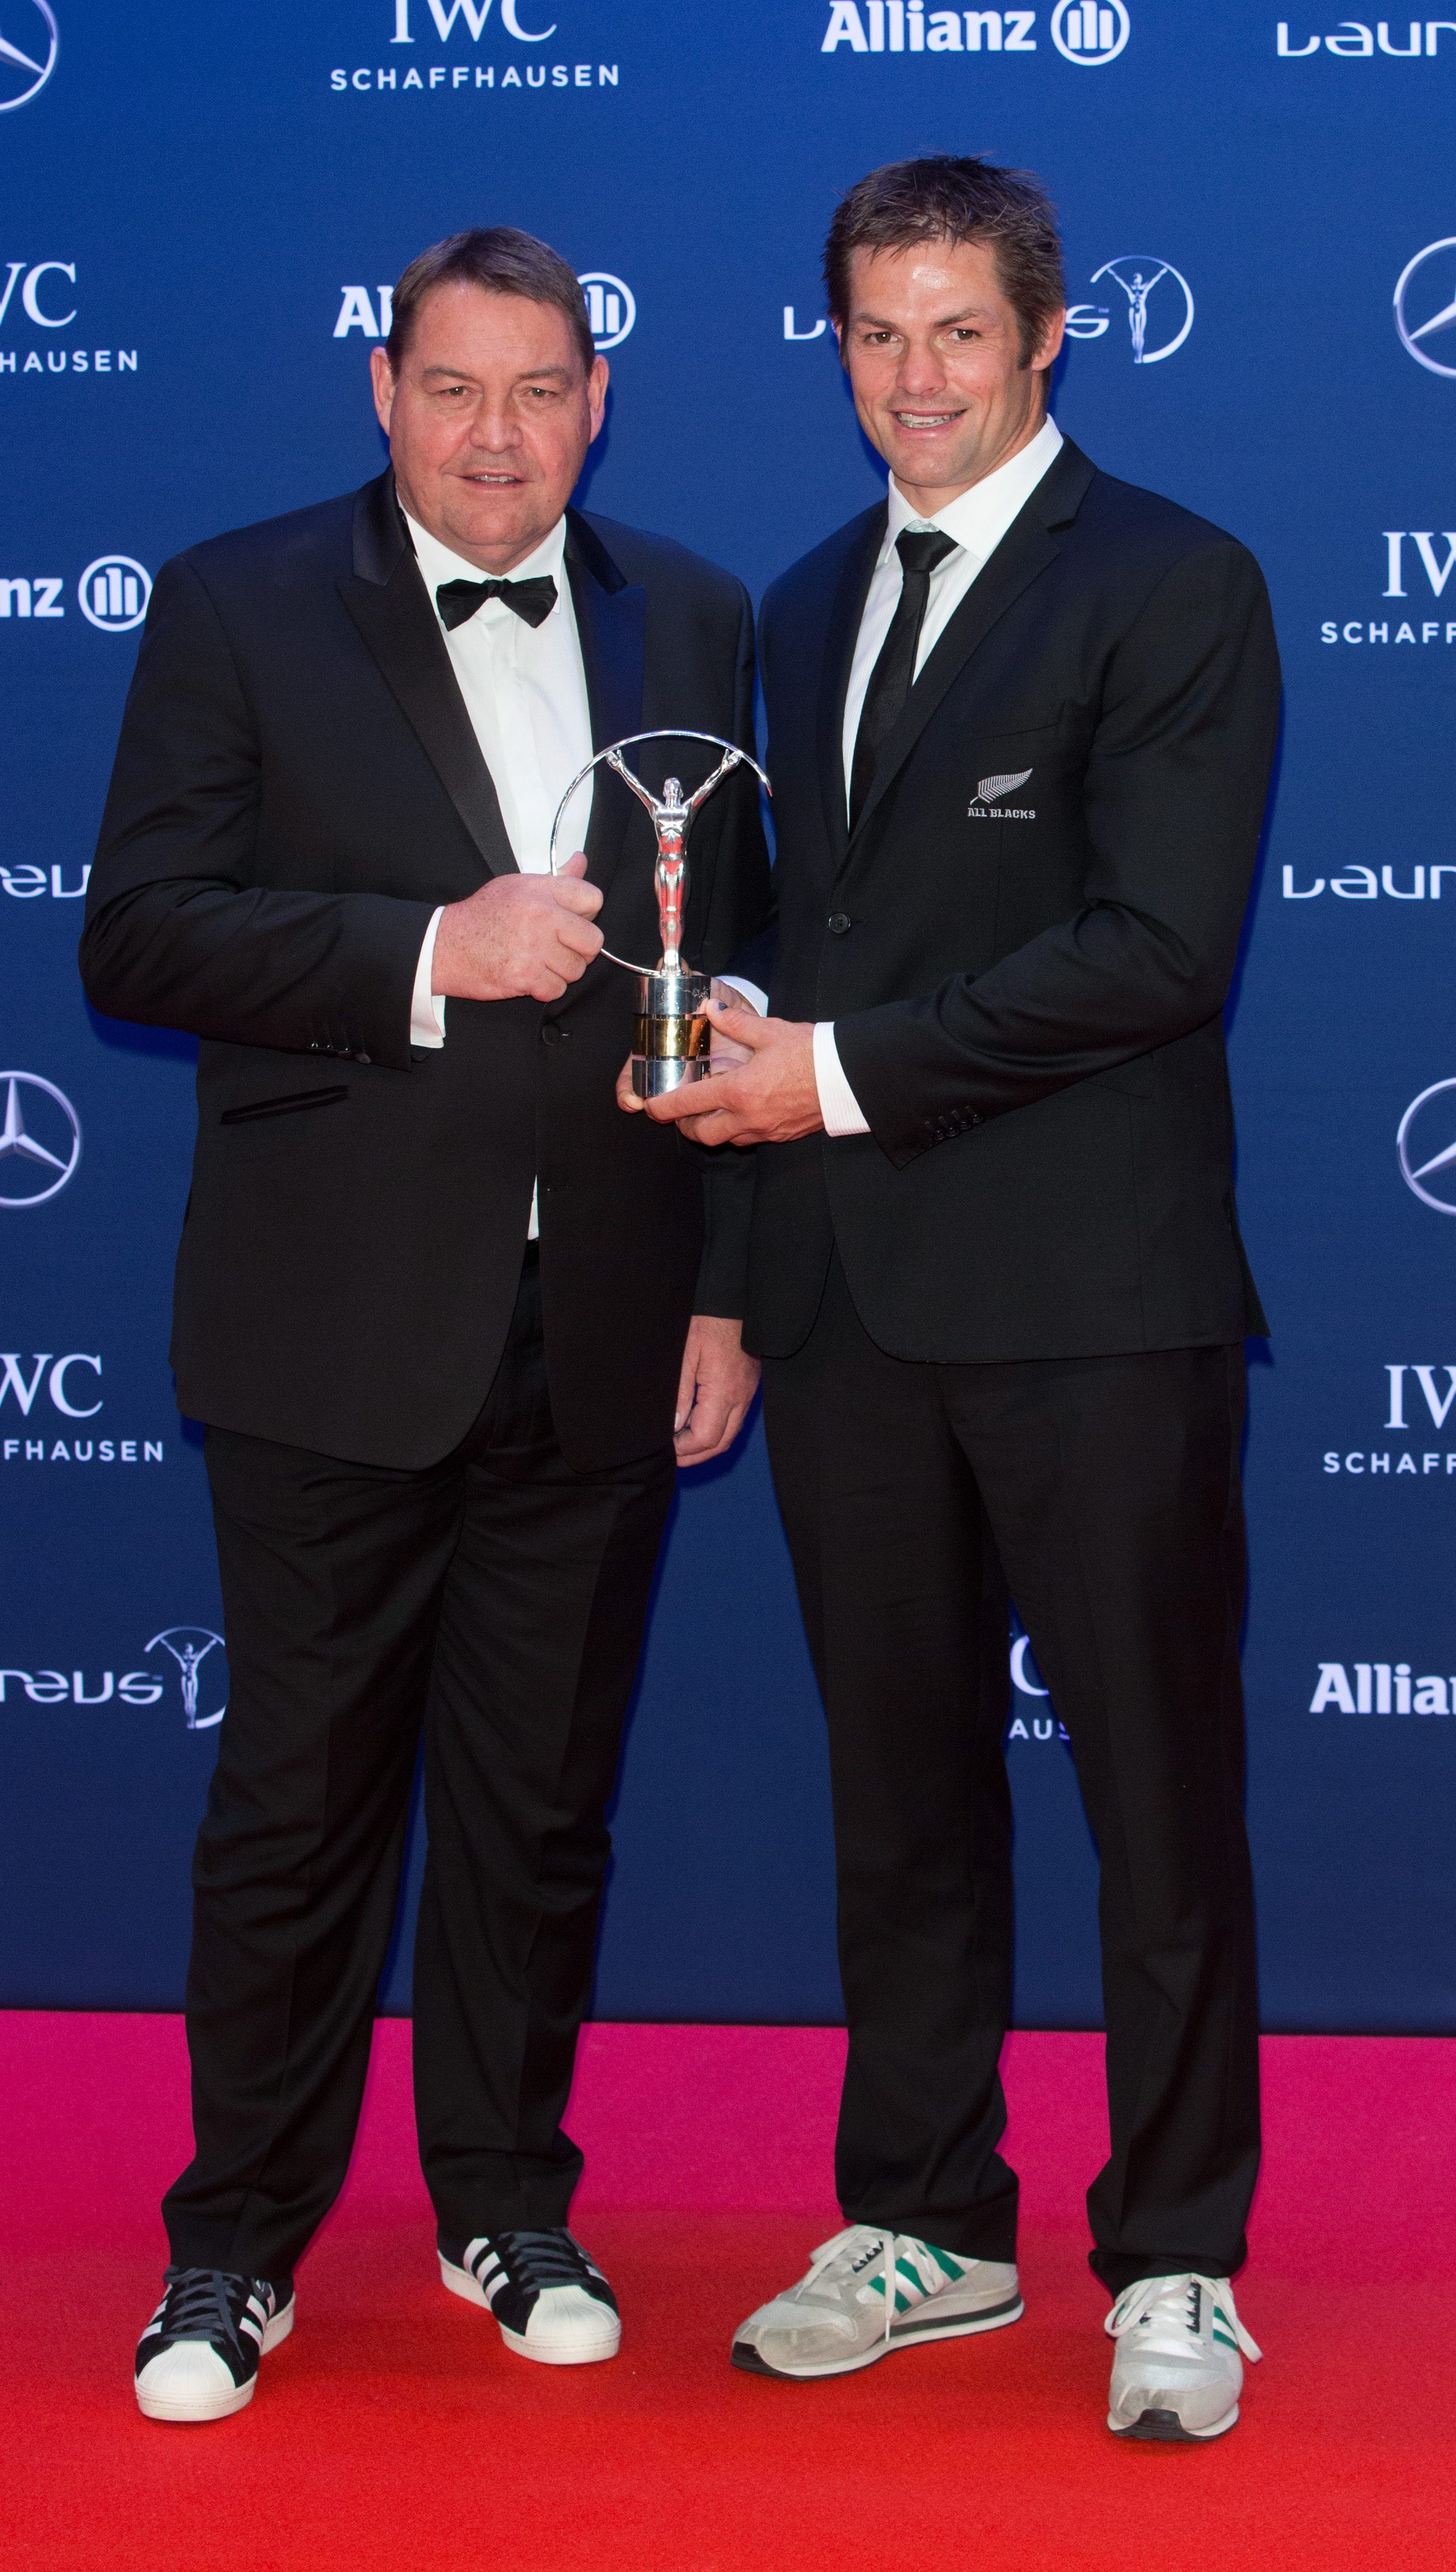 Djokovic se quedó con el premio Laureus por segundo año seguido